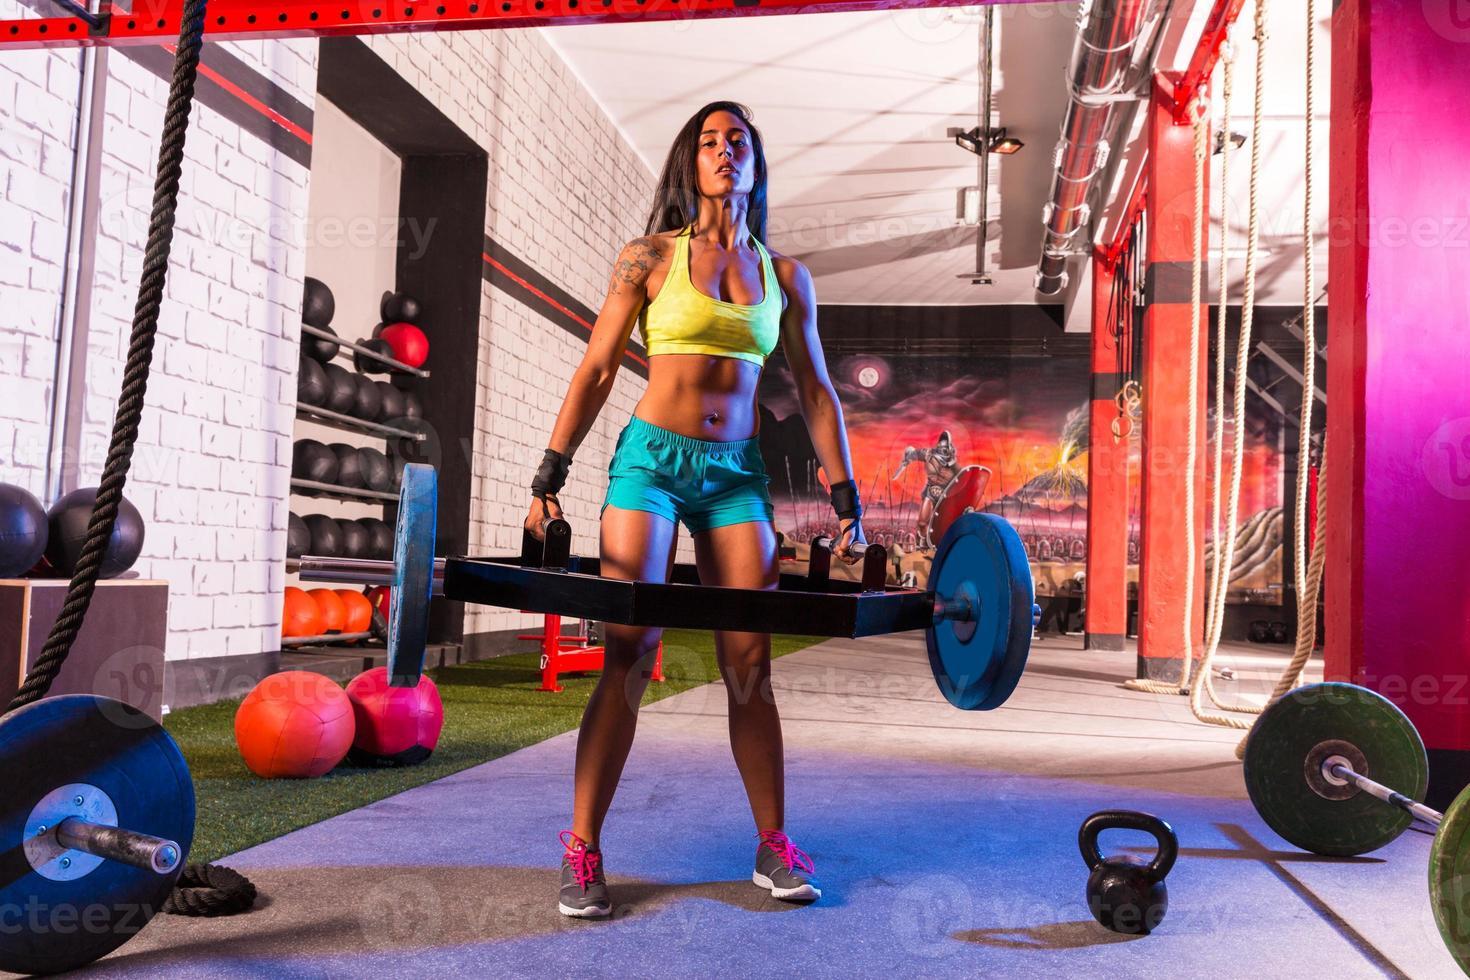 hex dead lift shrug bar deadlifts mujer en el gimnasio foto